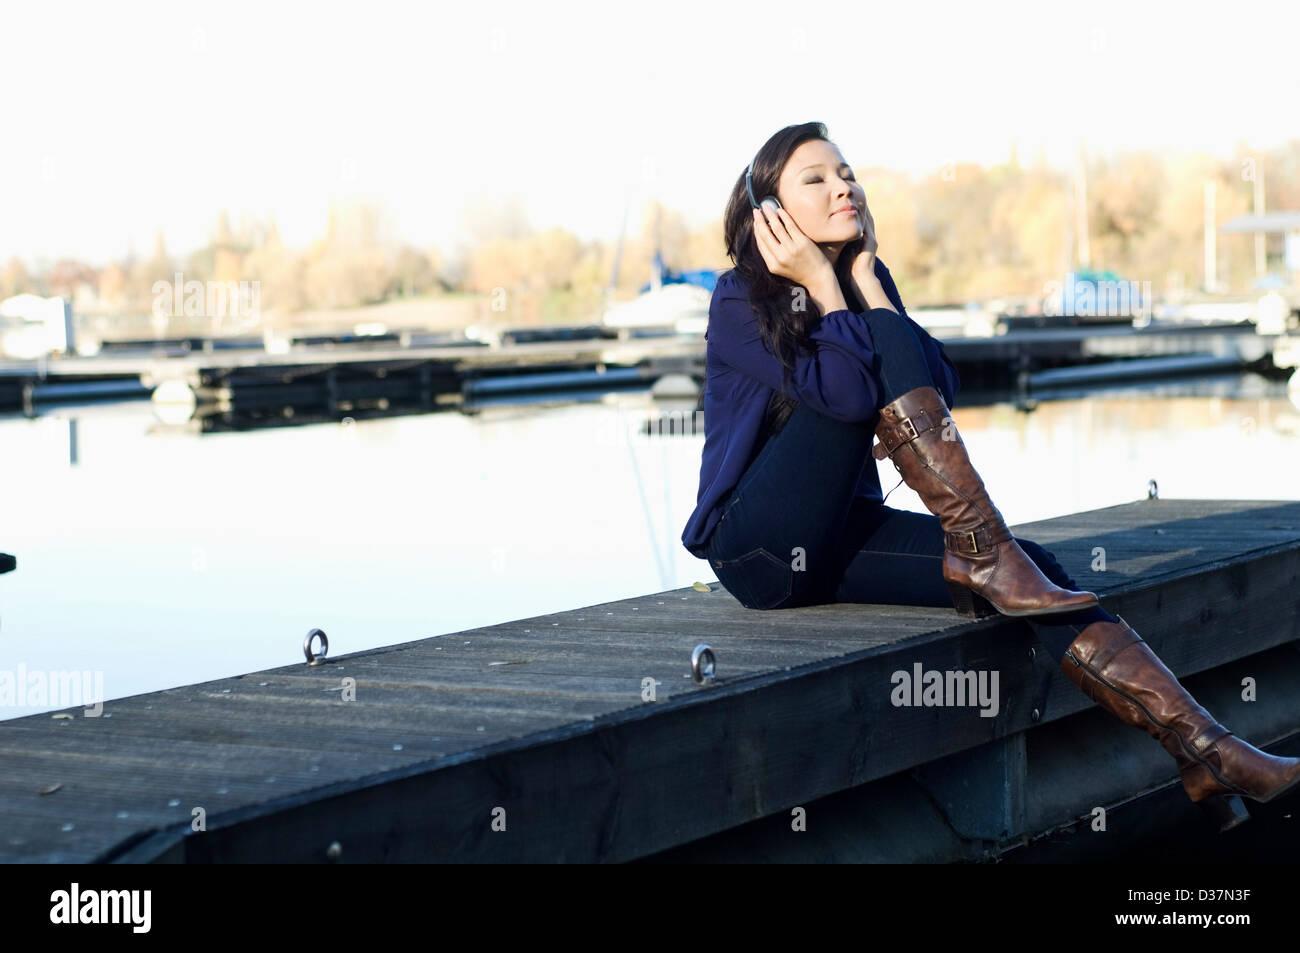 Woman listening to headphones sur le pont Banque D'Images